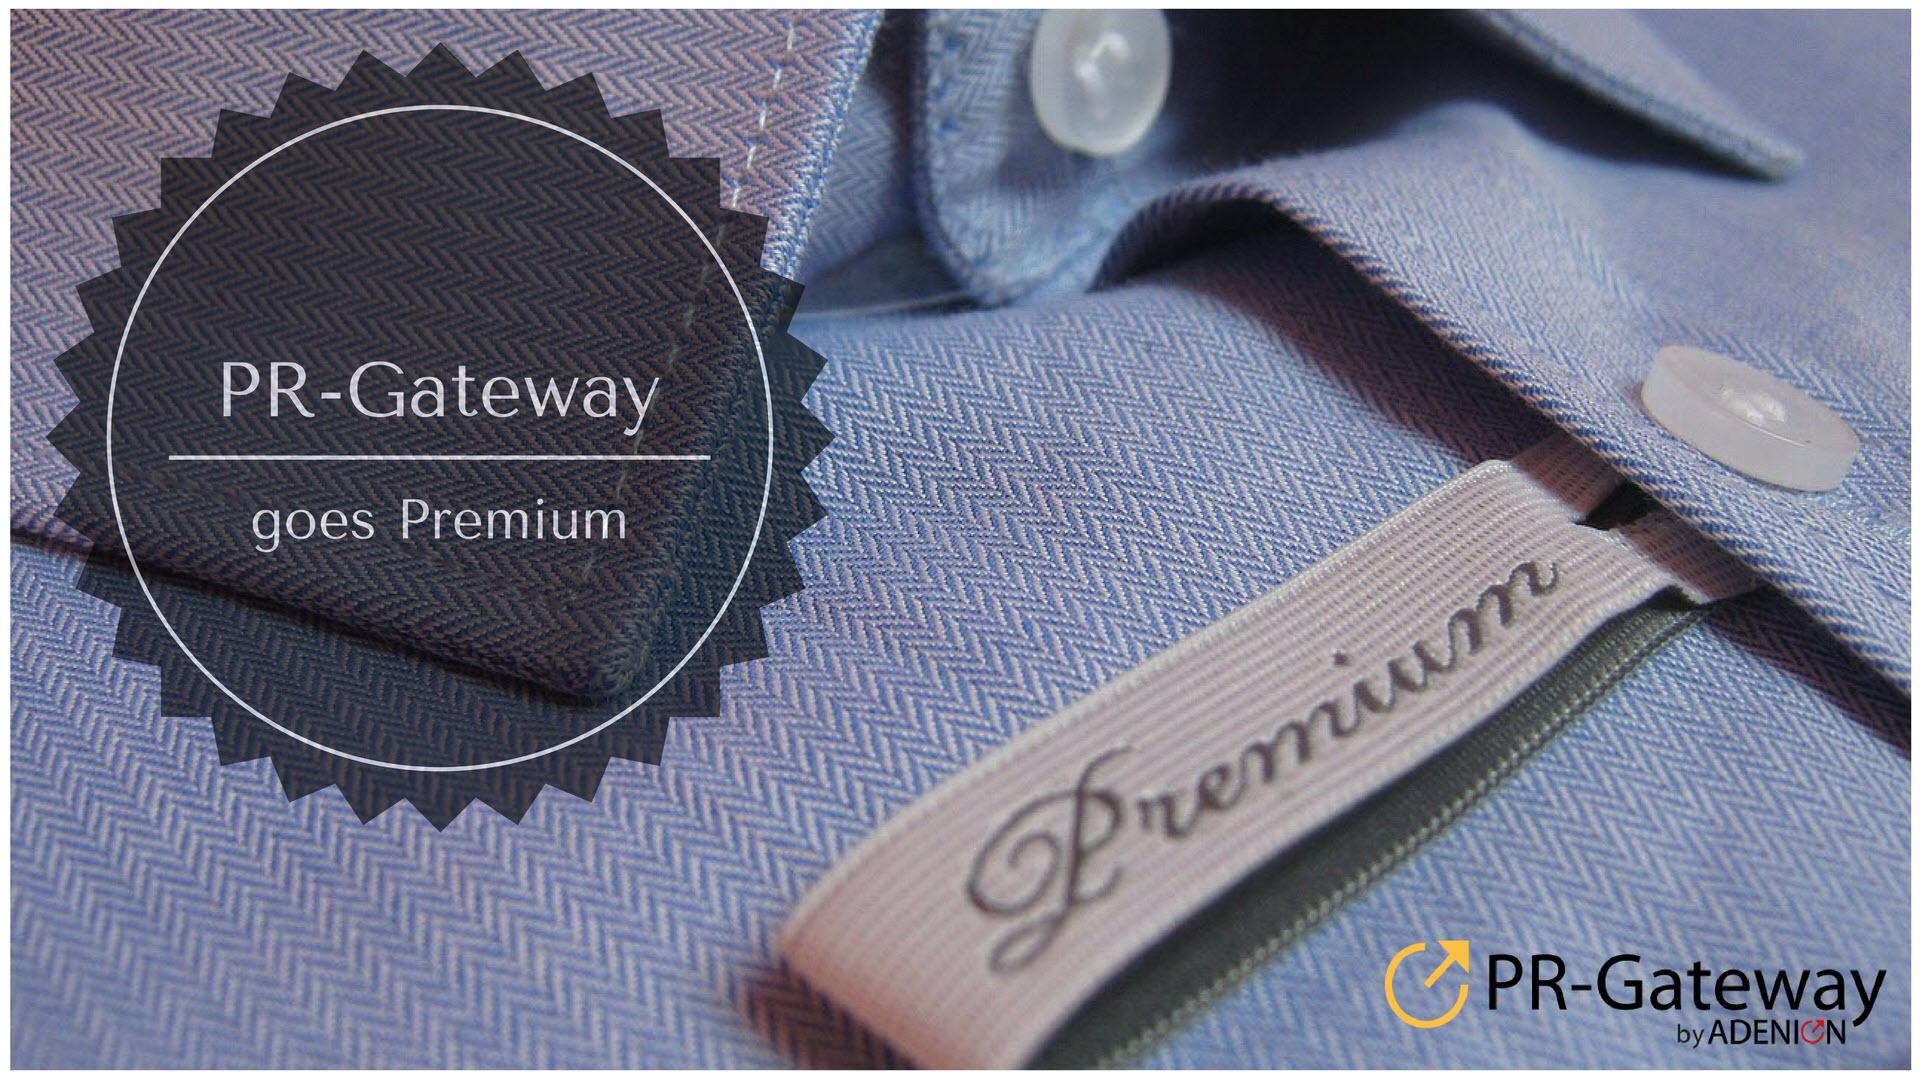 Neue Premium-Angebote bei PR-Gateway bringen Relevanz und Reichweite